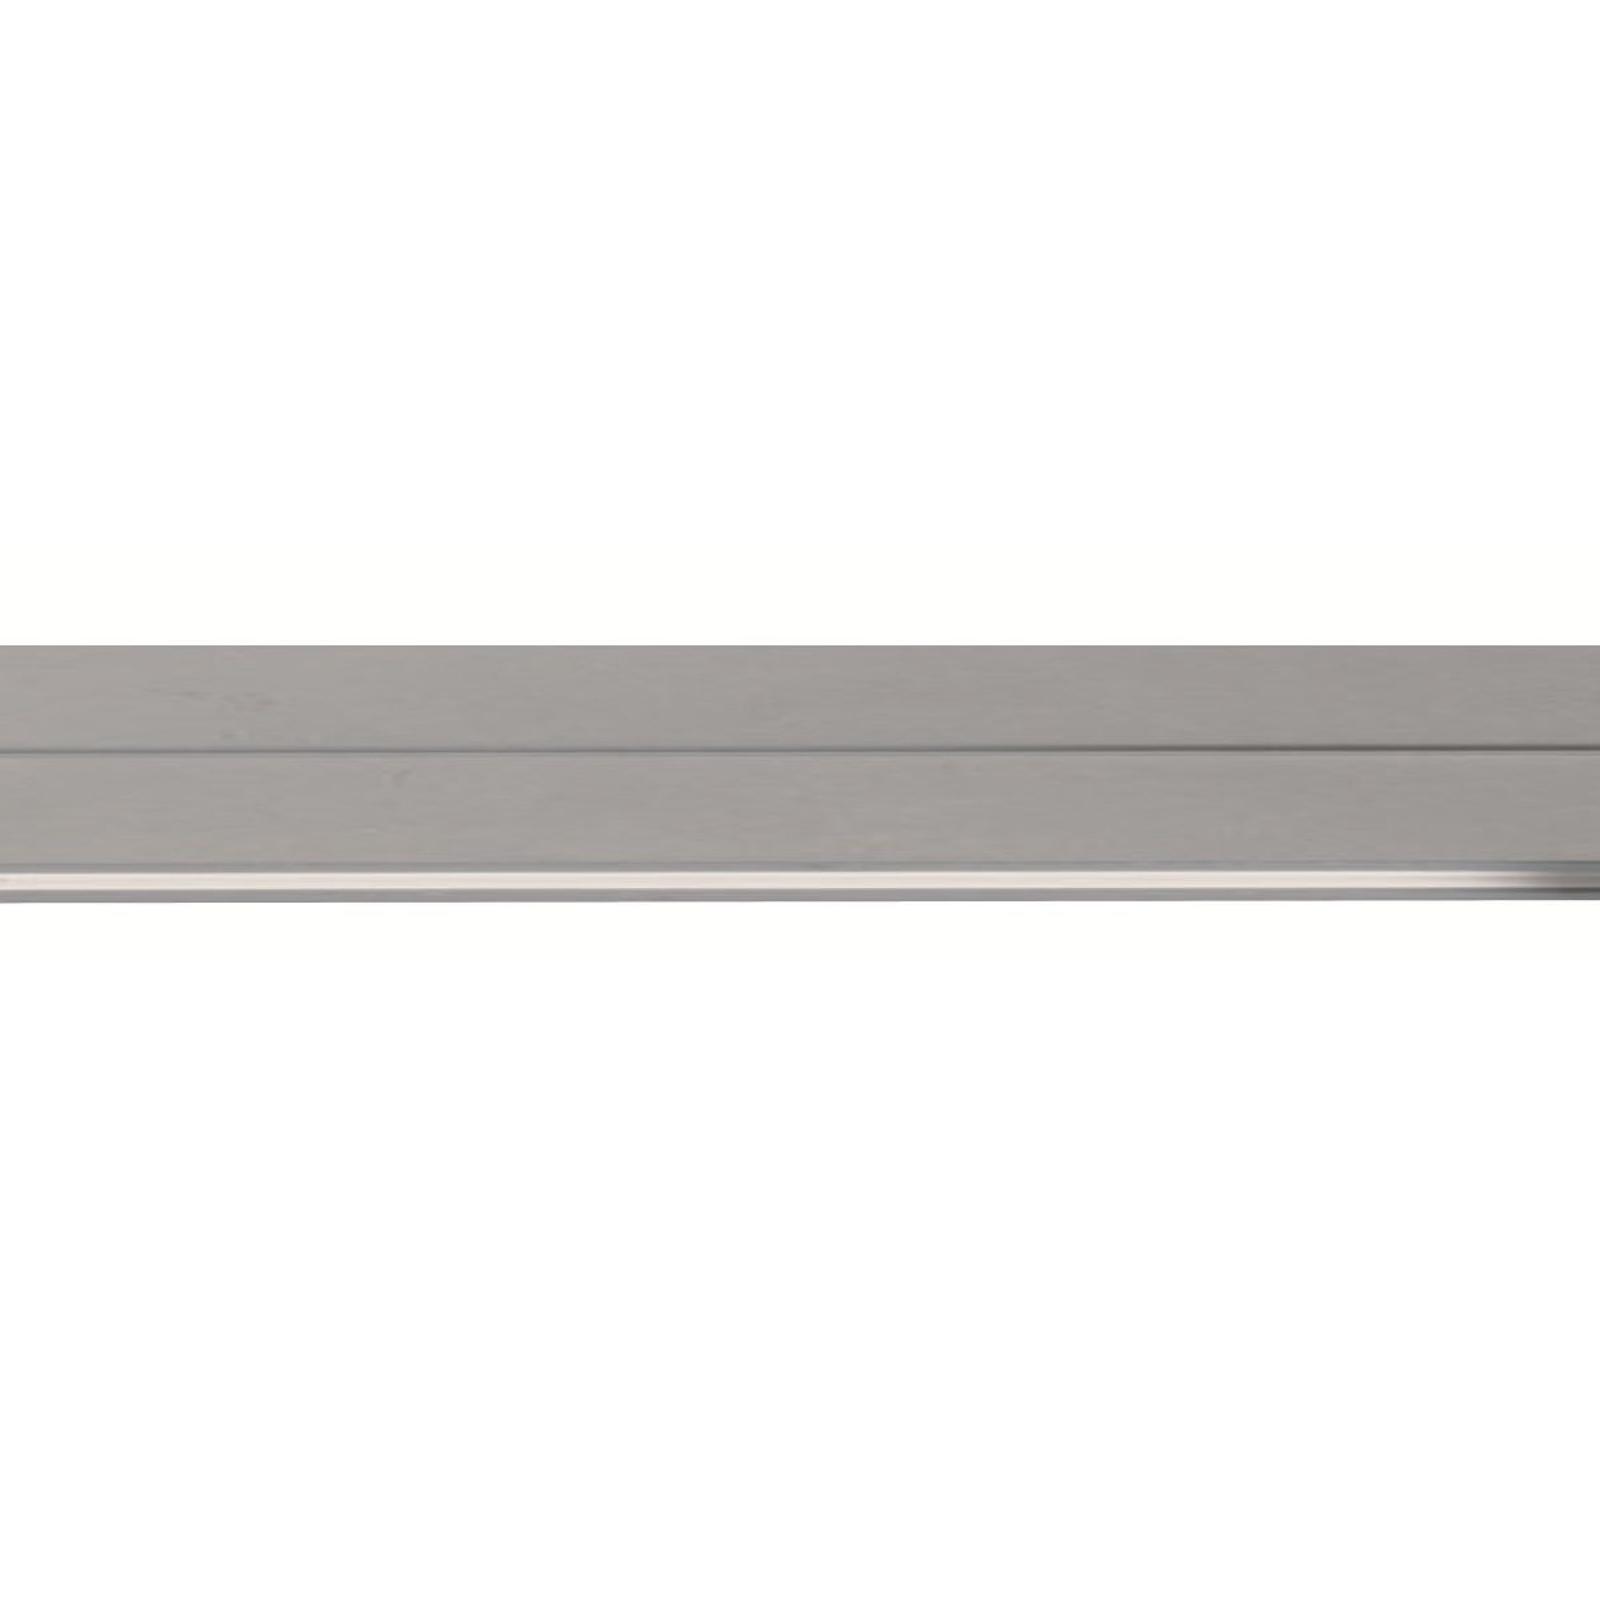 OLIGO Check-In CI-Schiene zu Schienensystem 148,5